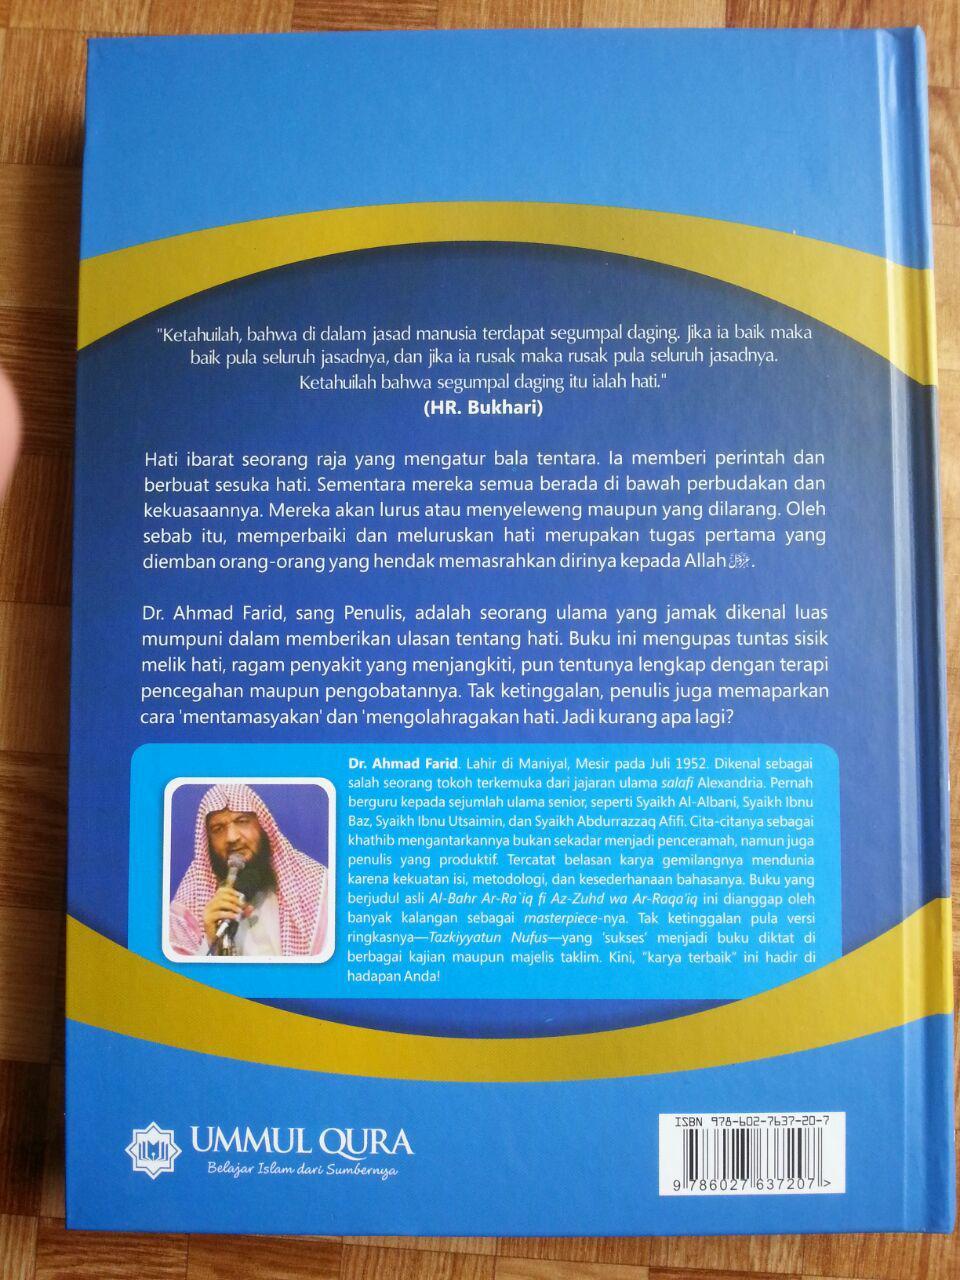 Buku Tazkiyatun Nafs Penyucian Diri Dalam Islam cover